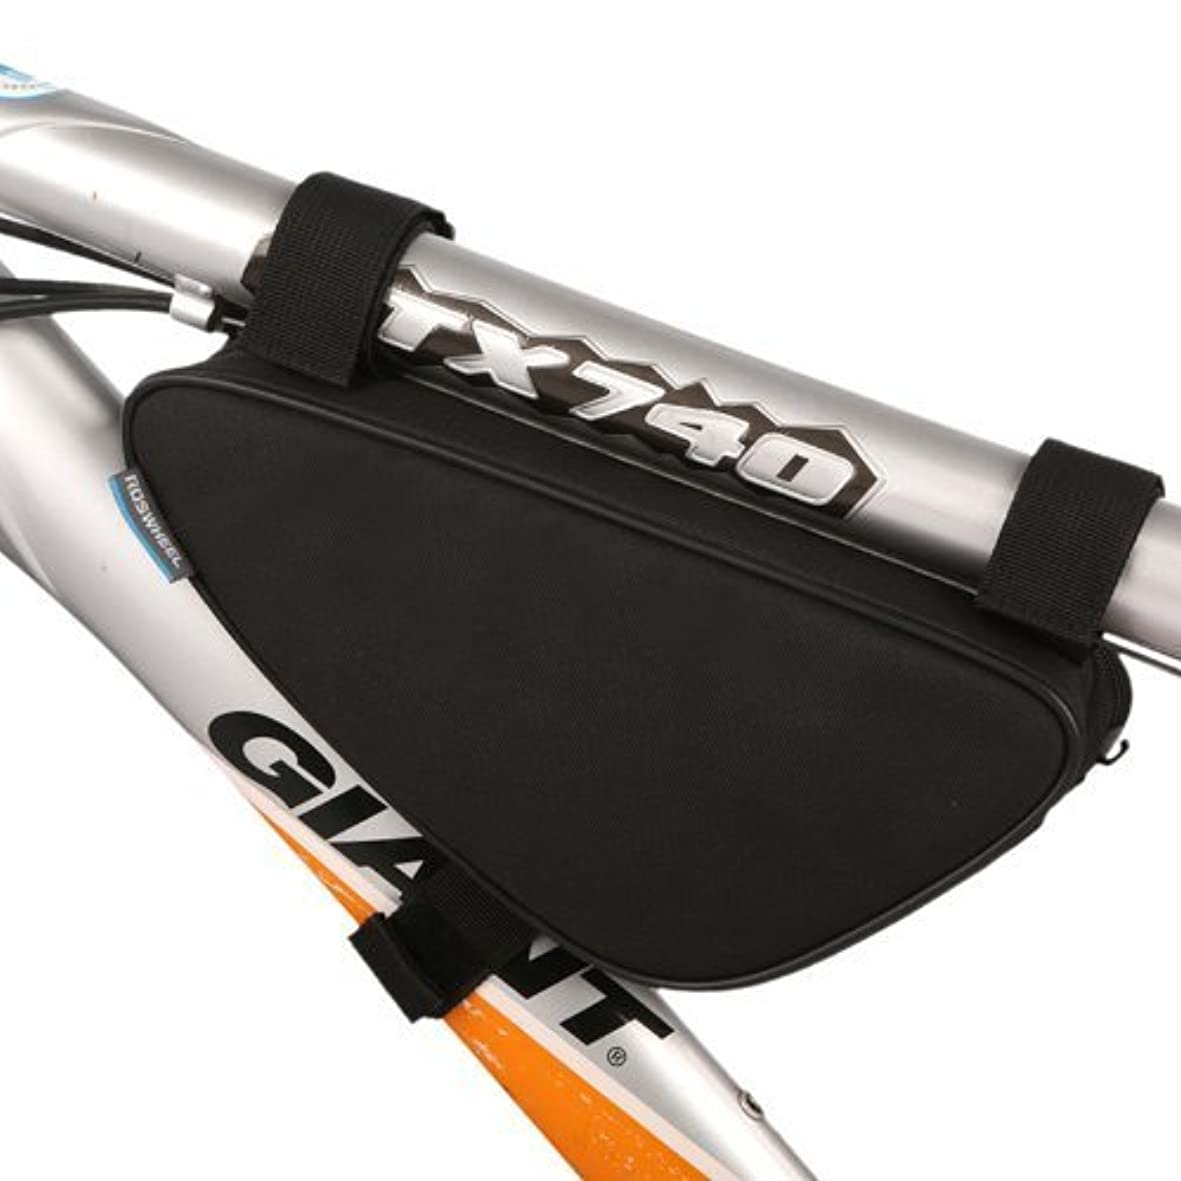 緩む習慣ヒゲロスホイール新サイクリング自転車バイクバッグトップチューブトライアングルバッグフロントサドルフレームポーチアウトドア